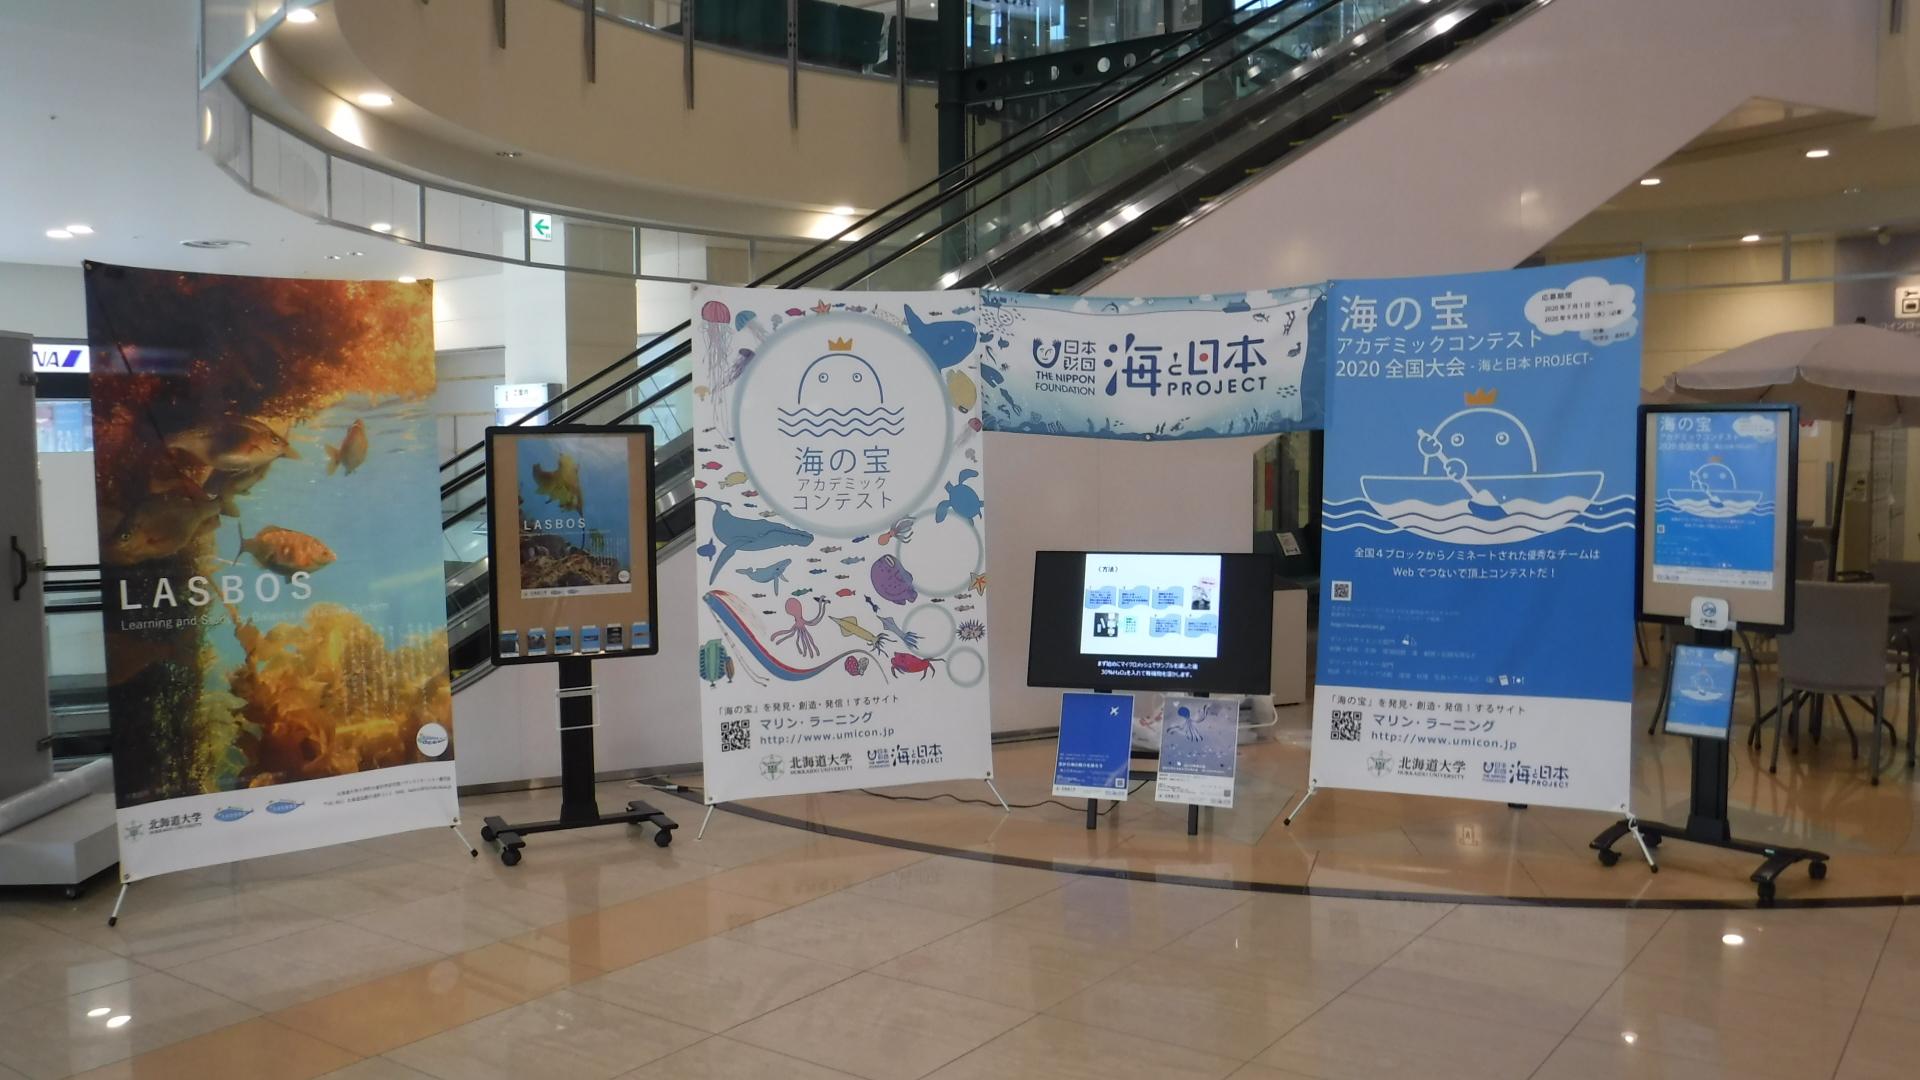 函館空港での展示の様子